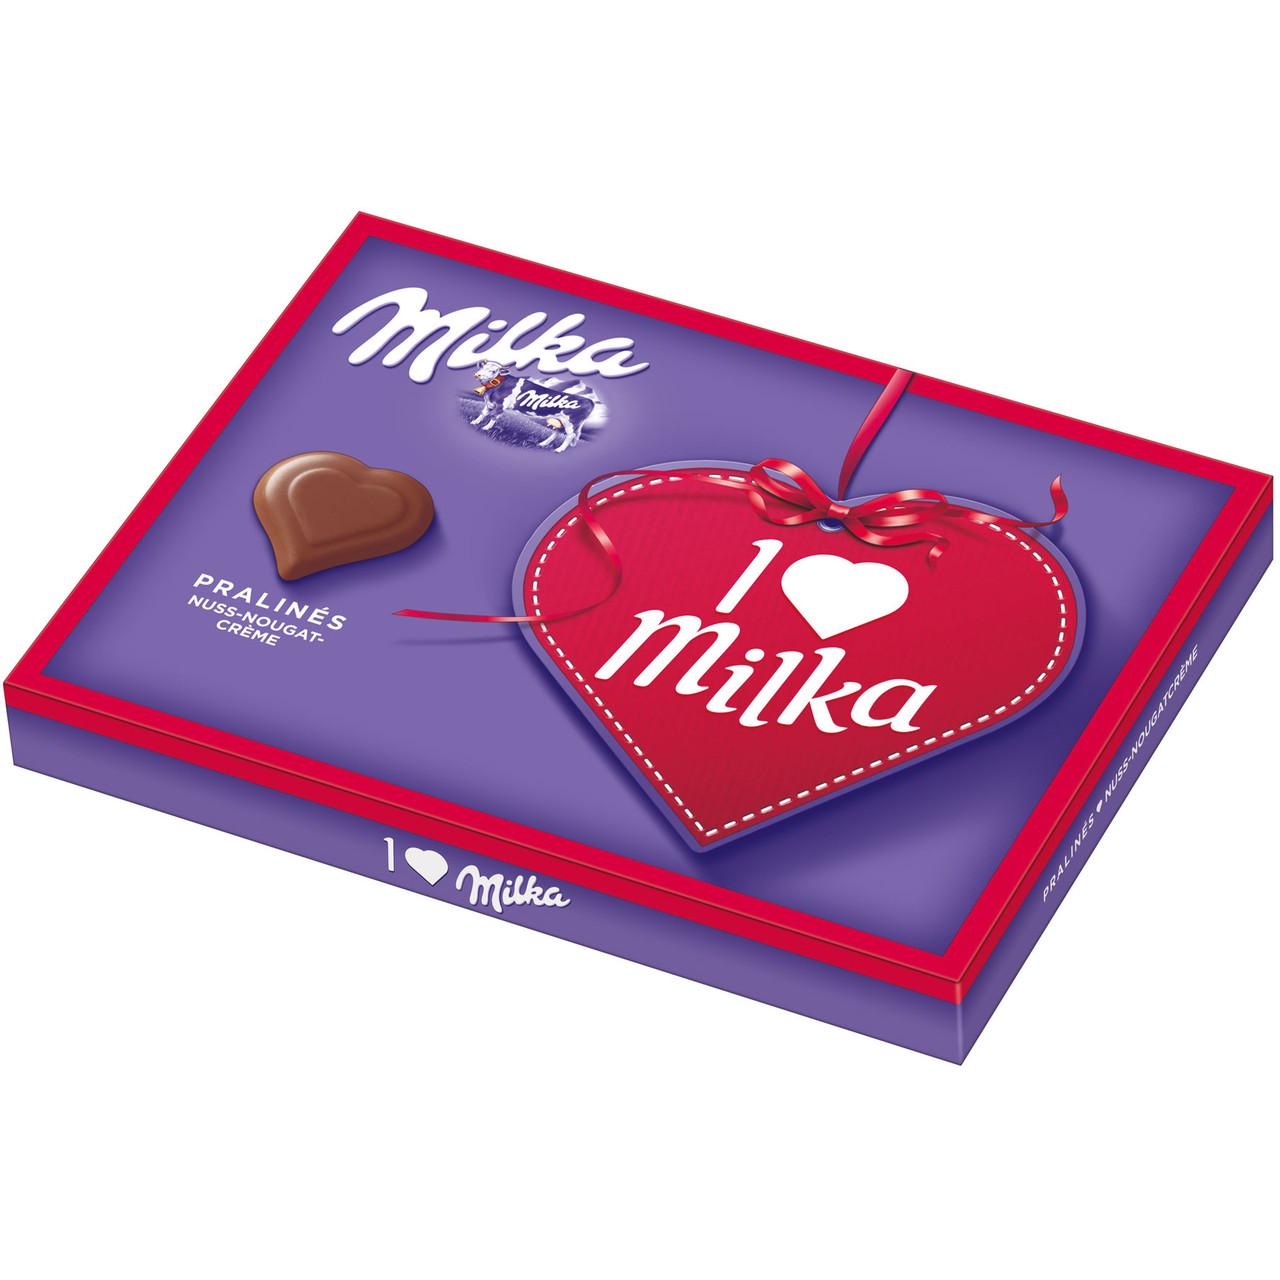 Шоколадные конфеты в коробке Milka I Love с ореховым пралине, 110 гр